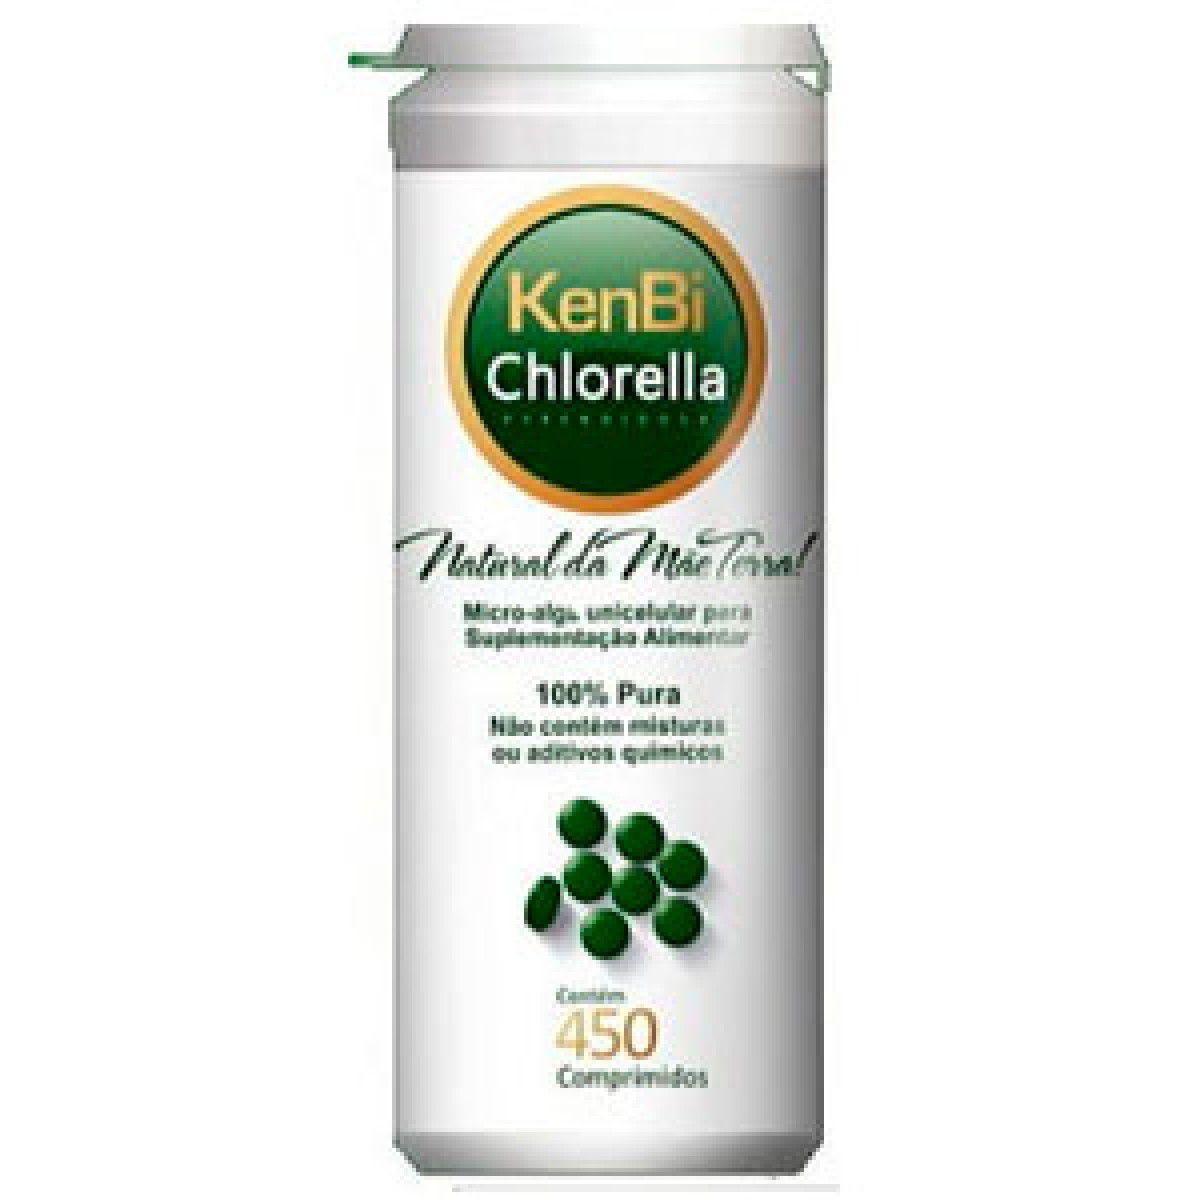 1 Chlorella Kenbi 450 Comprimidos 100% Chlorella -  Super Alimento +